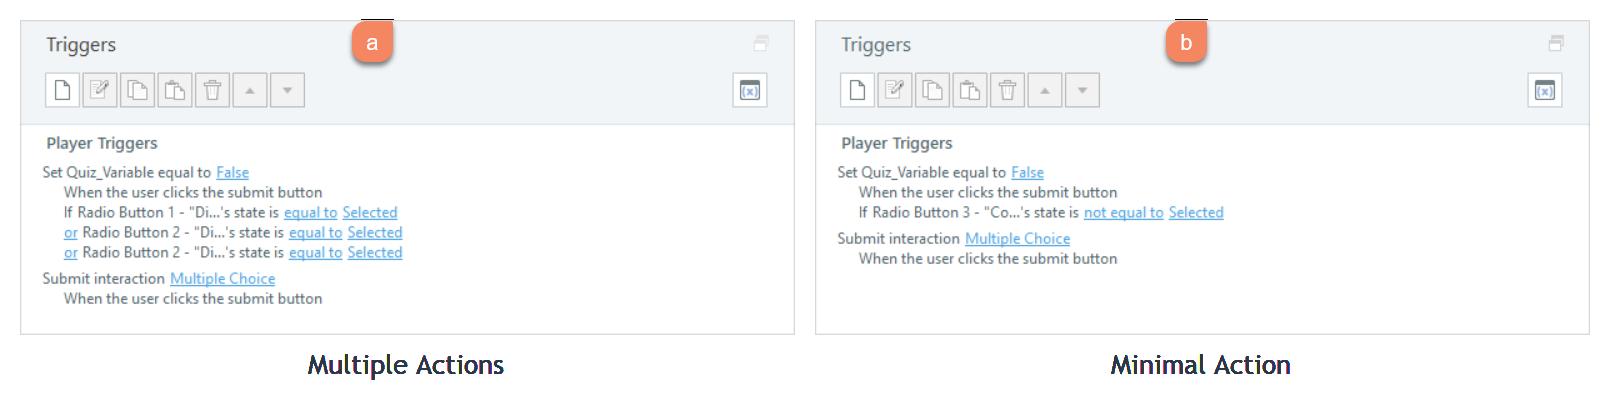 Articulate Storyline Trigger Workflow